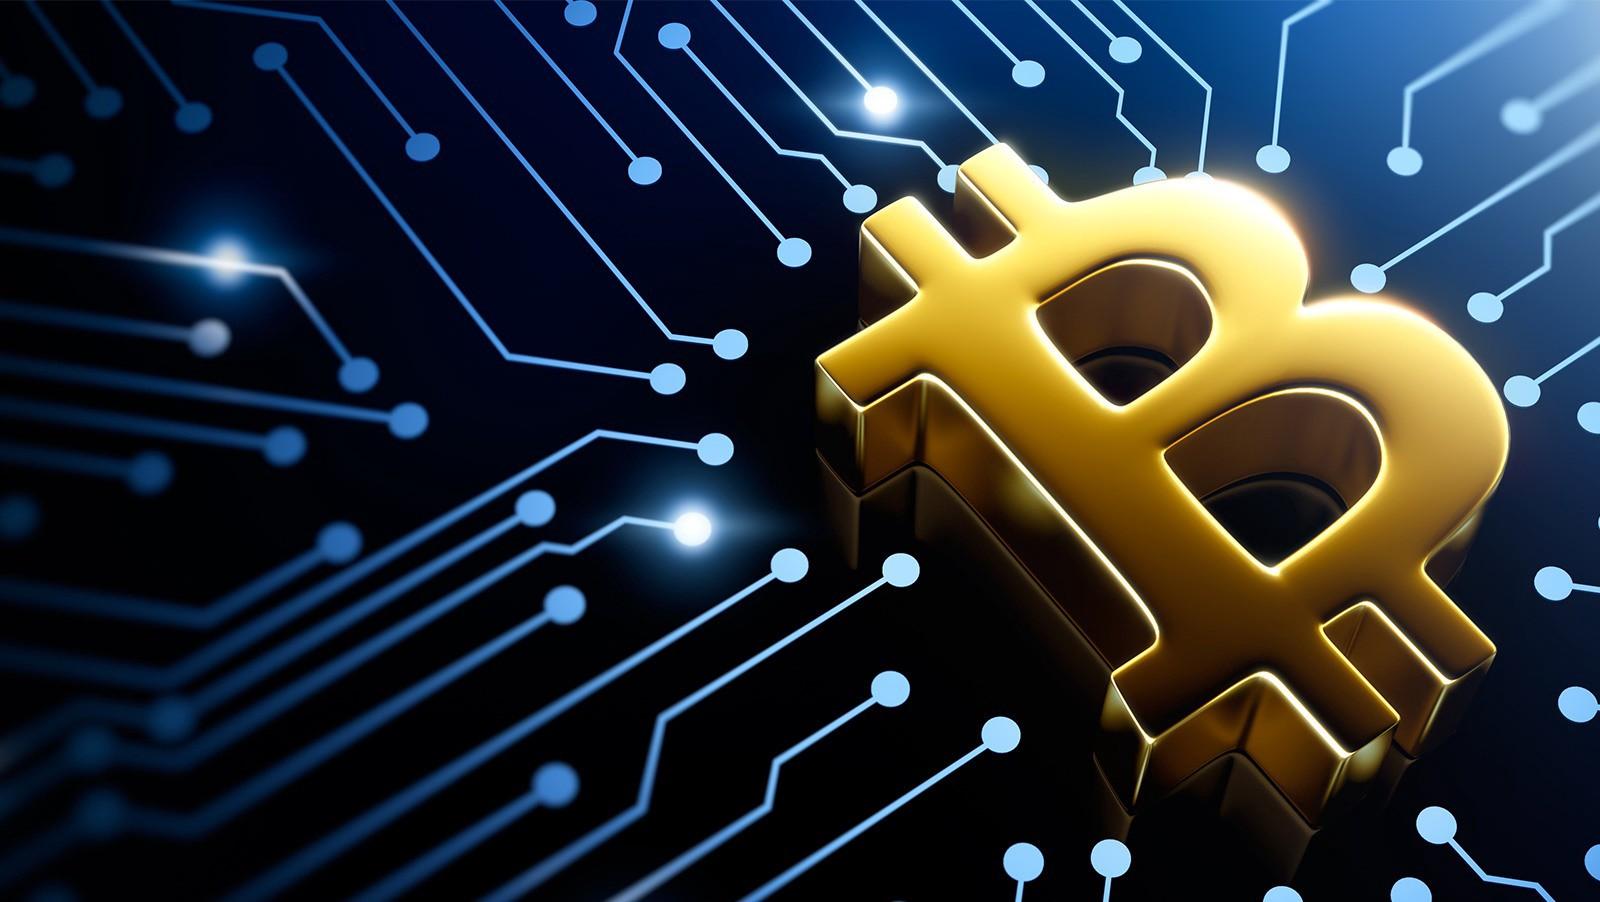 Вилли Ву: интенсивность операций на блокчейне Биткоина растет, а комиссия — падает